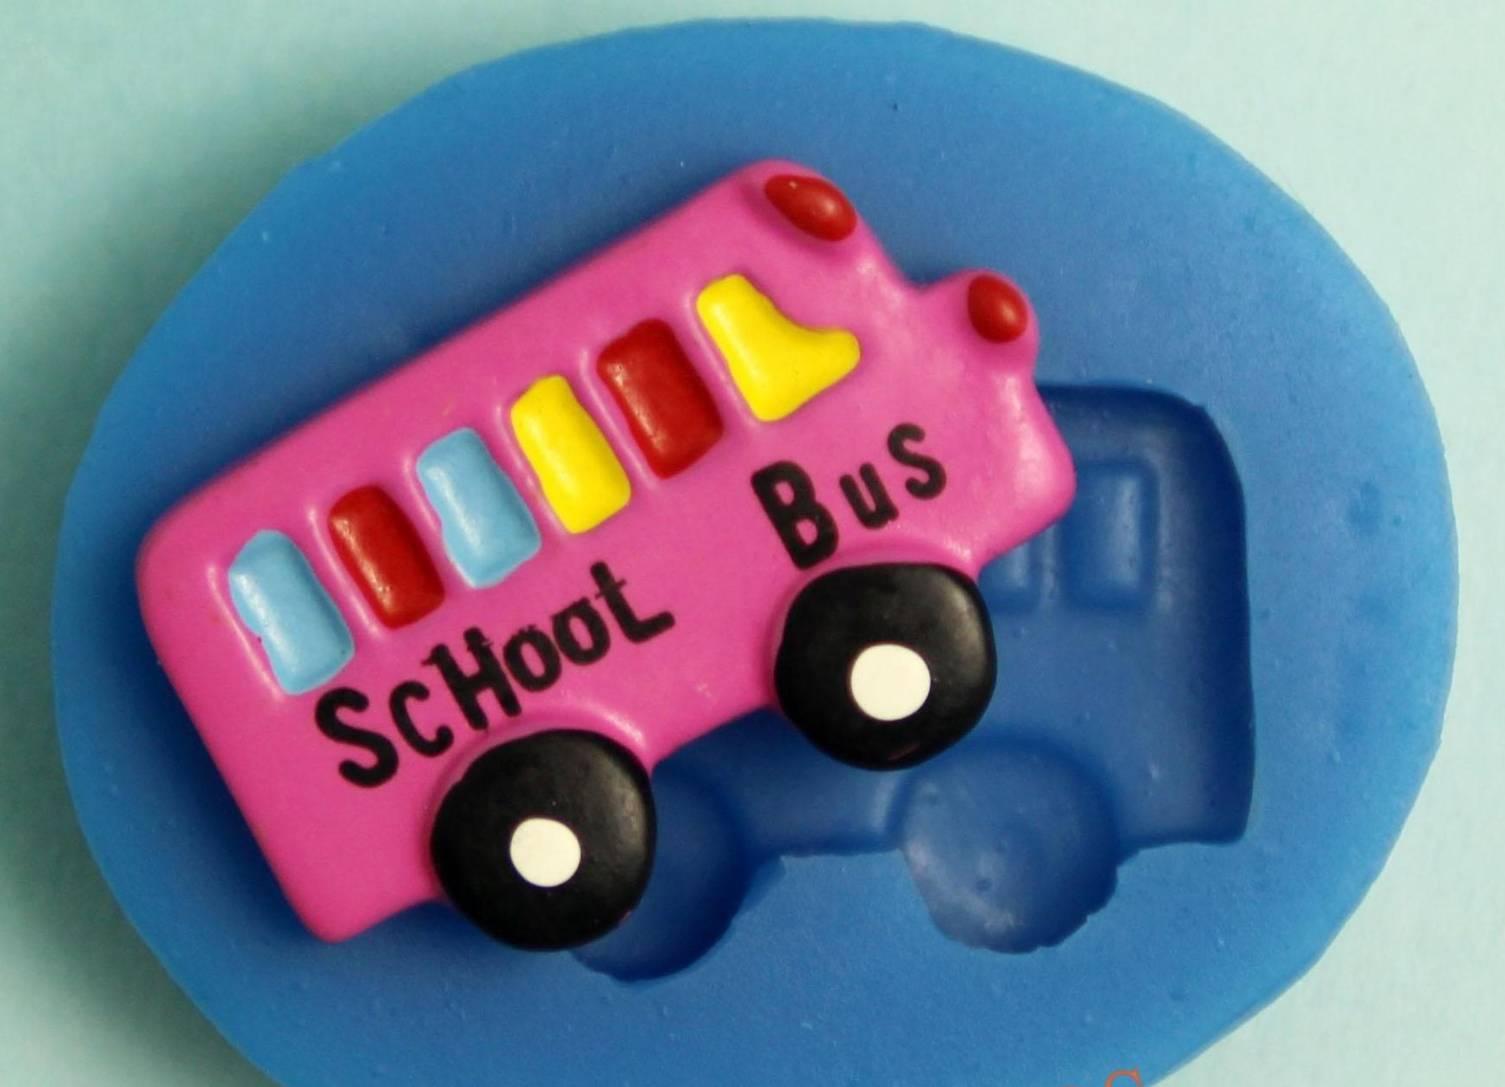 โมล พิมพ์ซิลิโคน รูปรถโรงเรียน (พิมพ์ 2 มิติ)